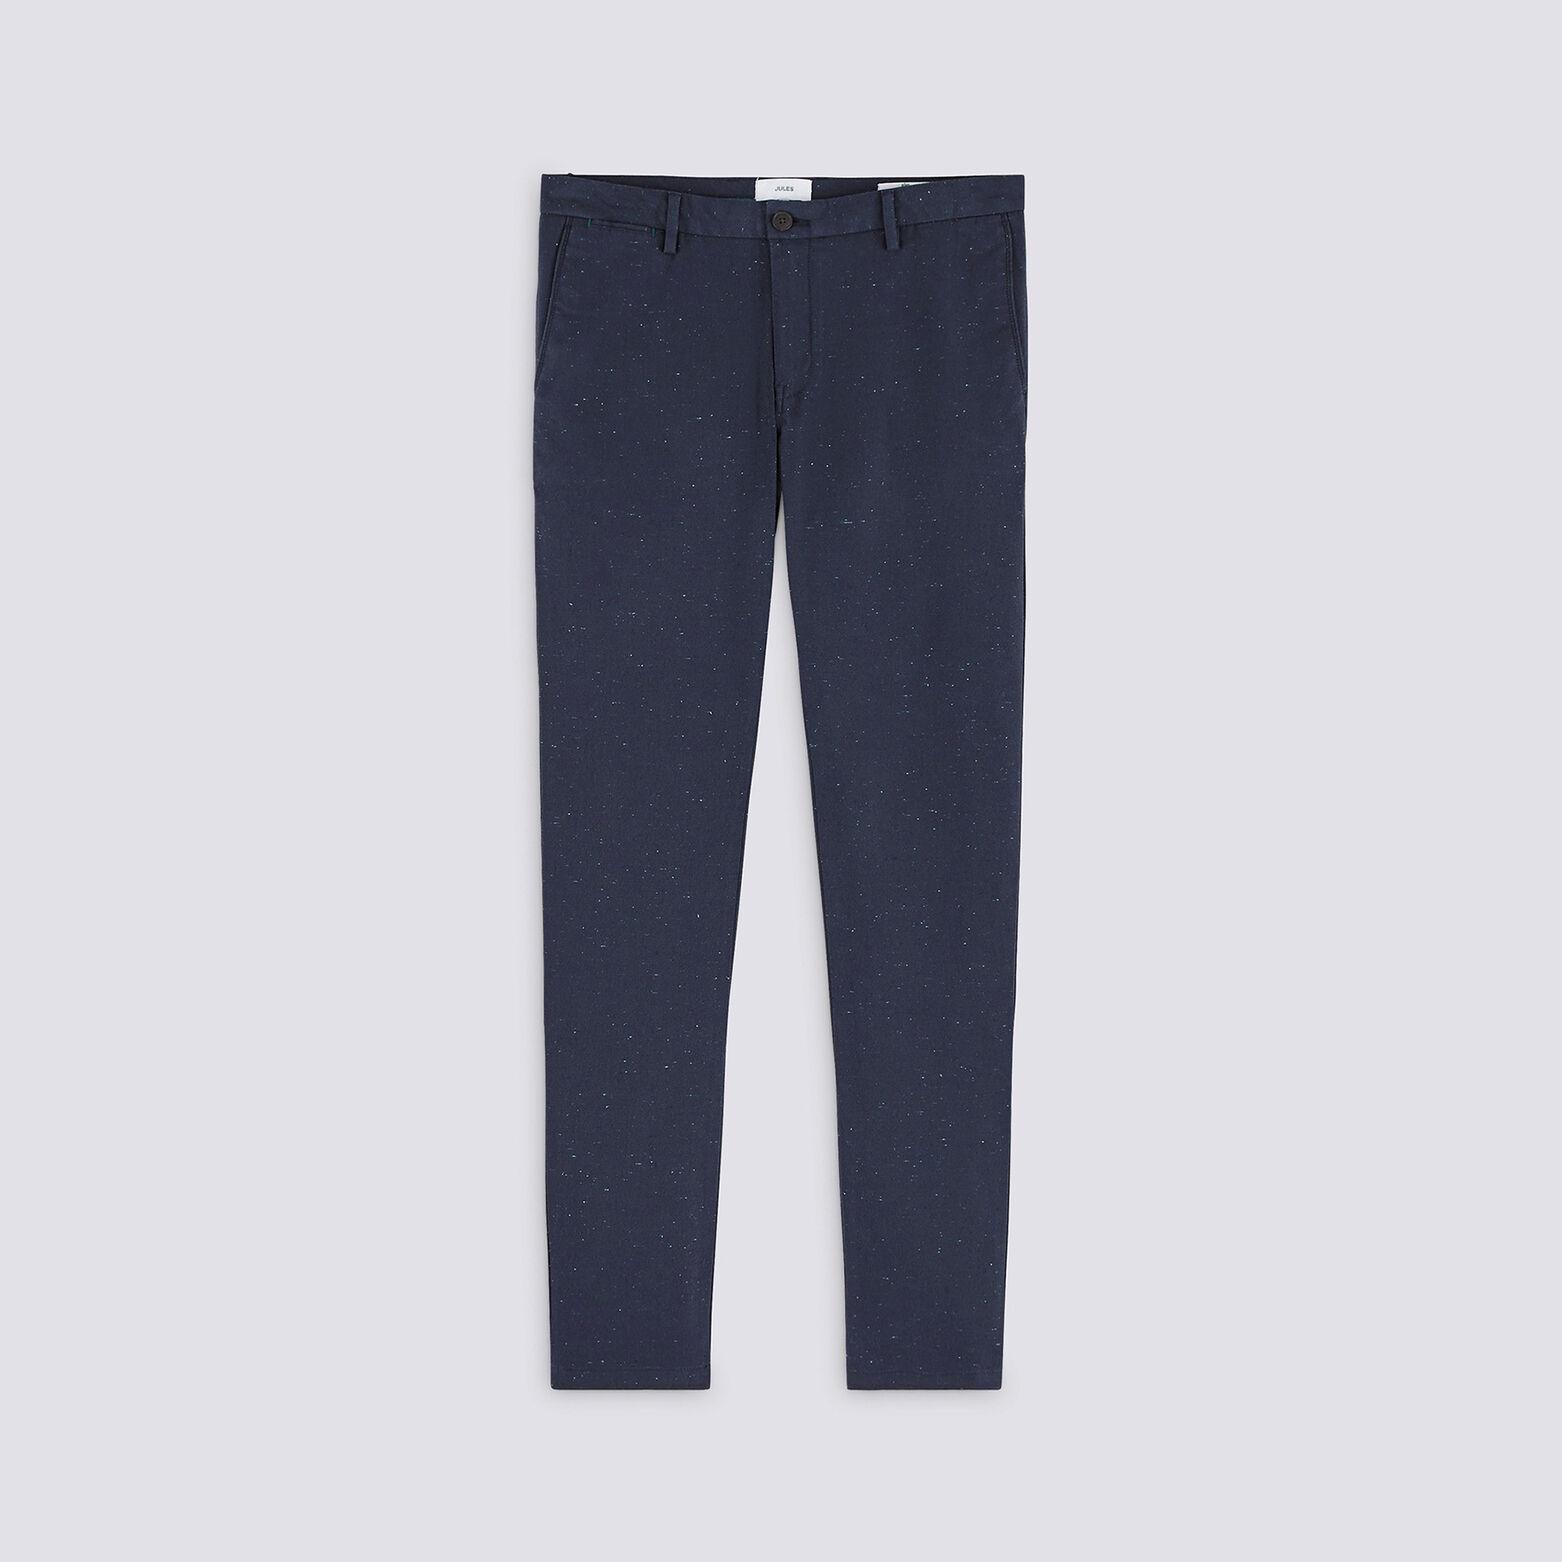 Pantalon chino fantaisie